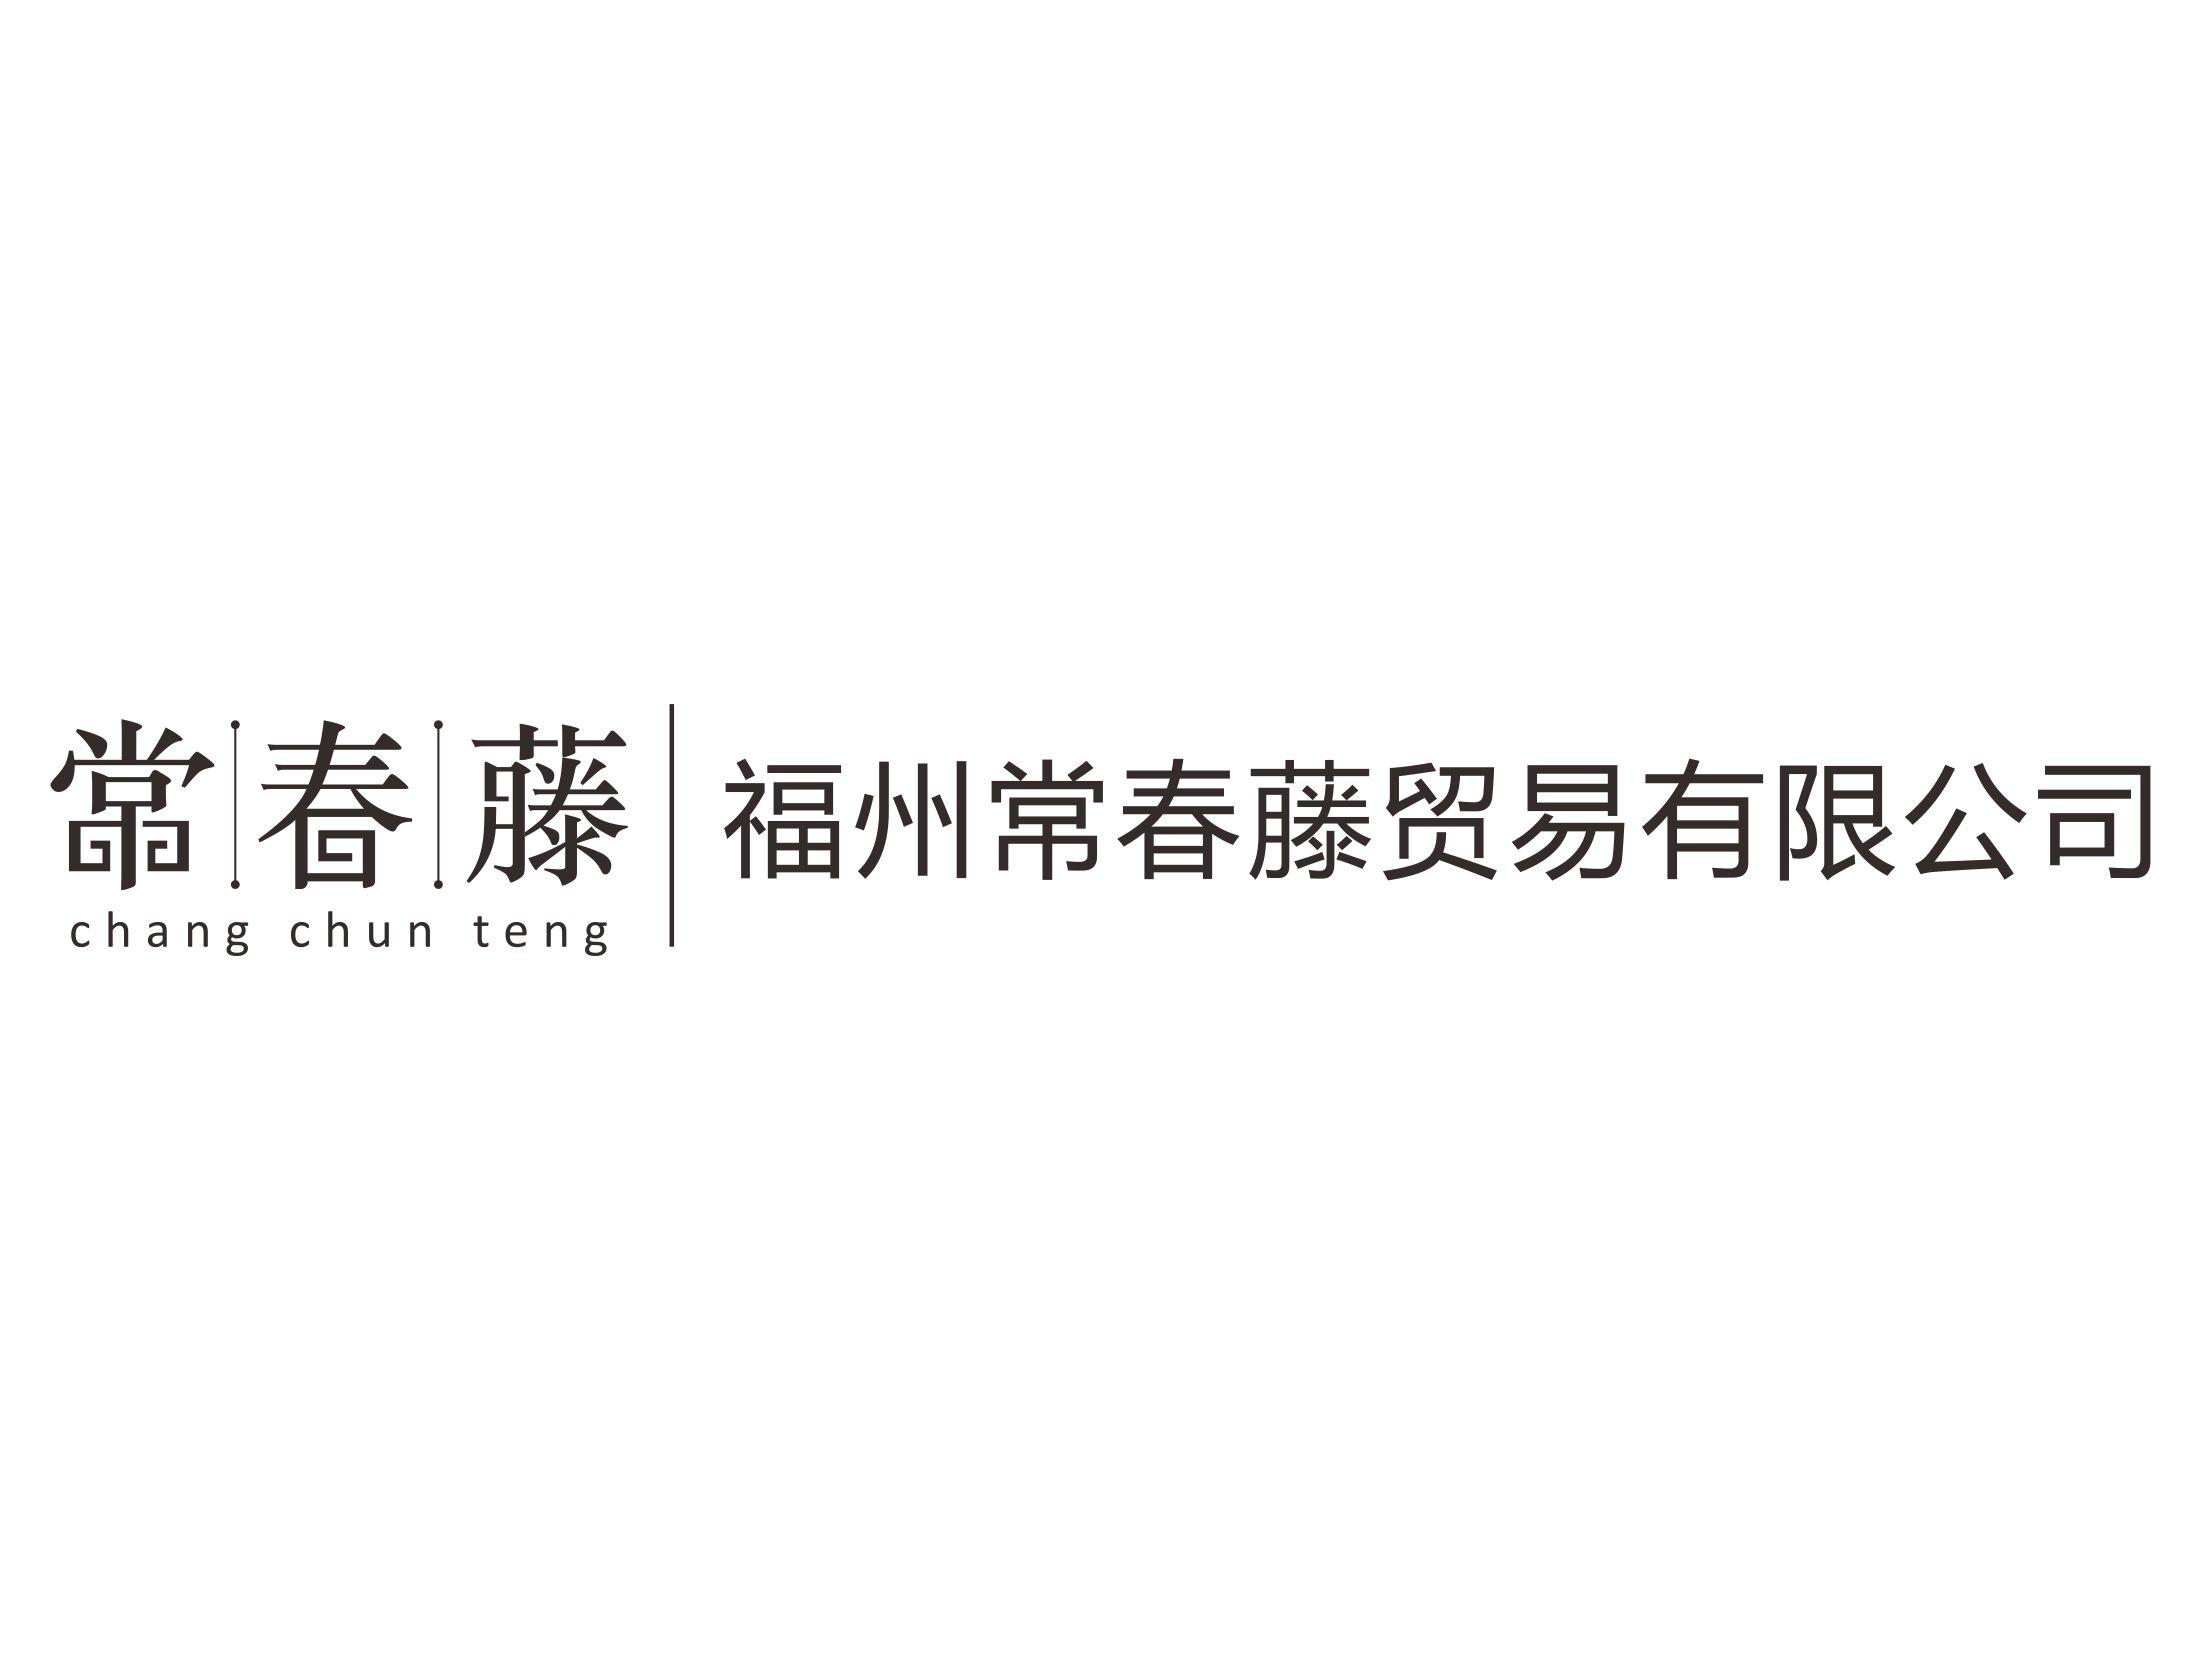 福州常春藤贸易有限公司